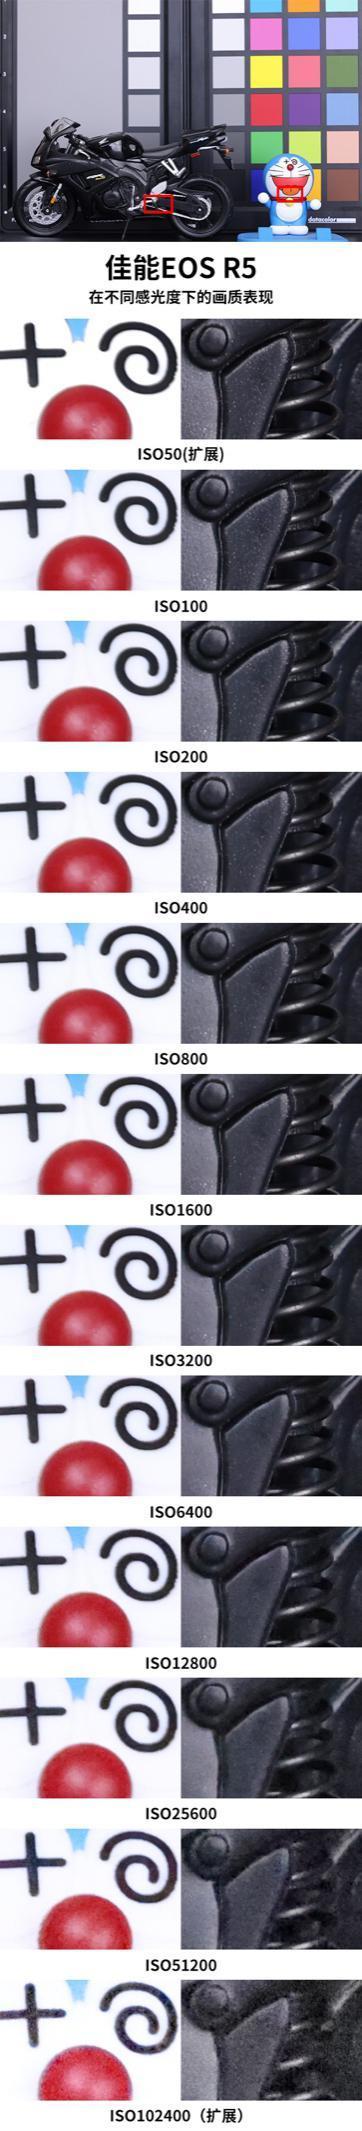 承载光荣与梦想 佳能新一代全画幅专微旗舰EOS R5评测